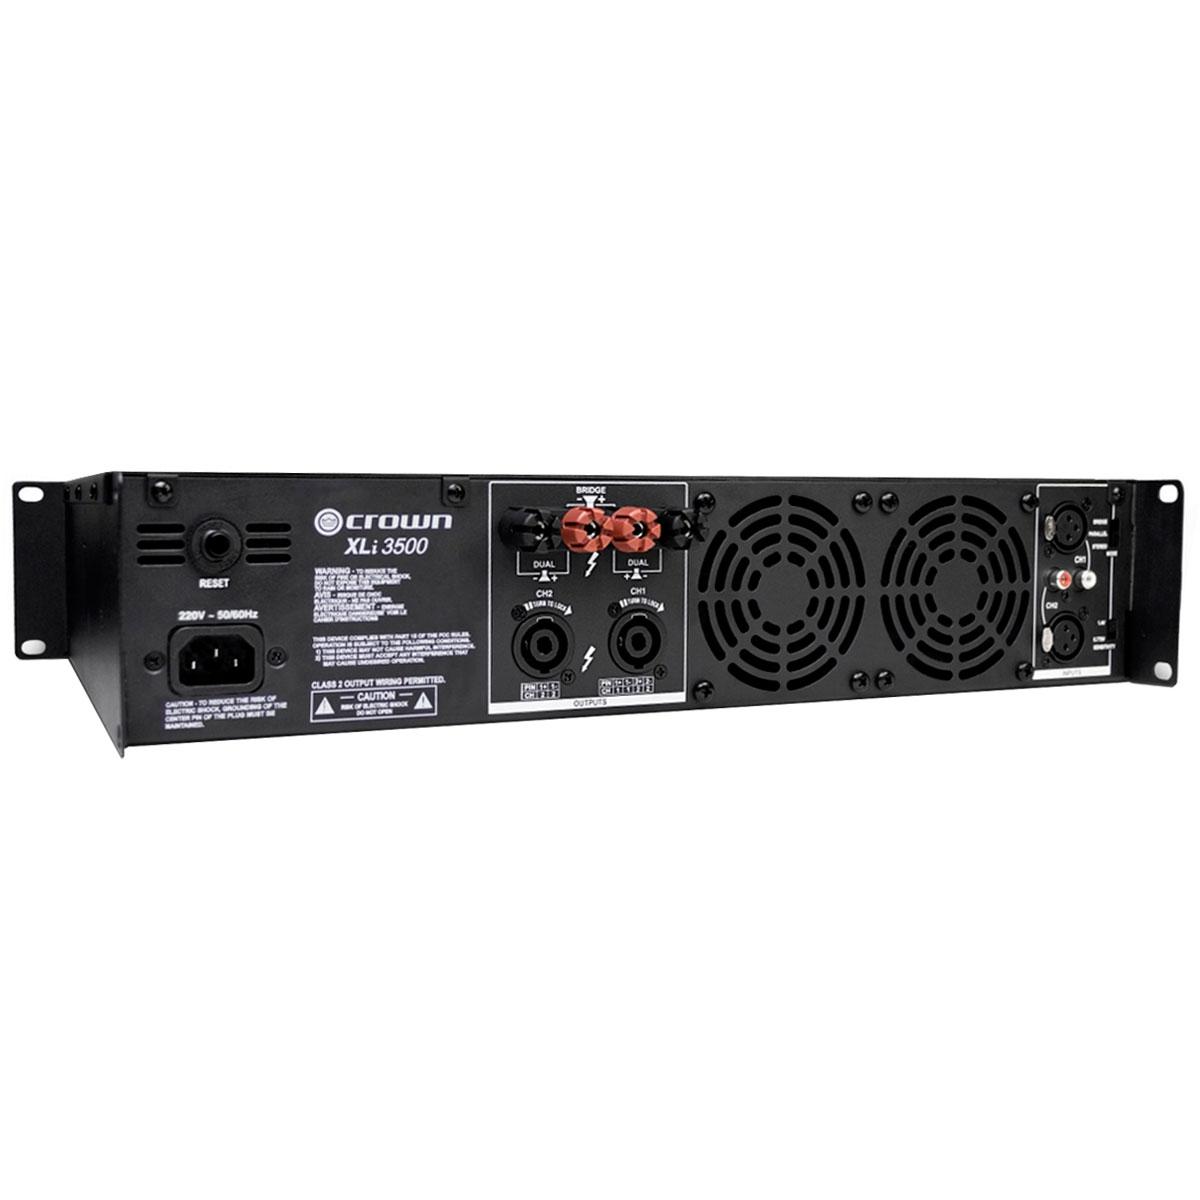 XLI3500 - Amplificador Estéreo 2 Canais 2700W XLI 3500 - Crown